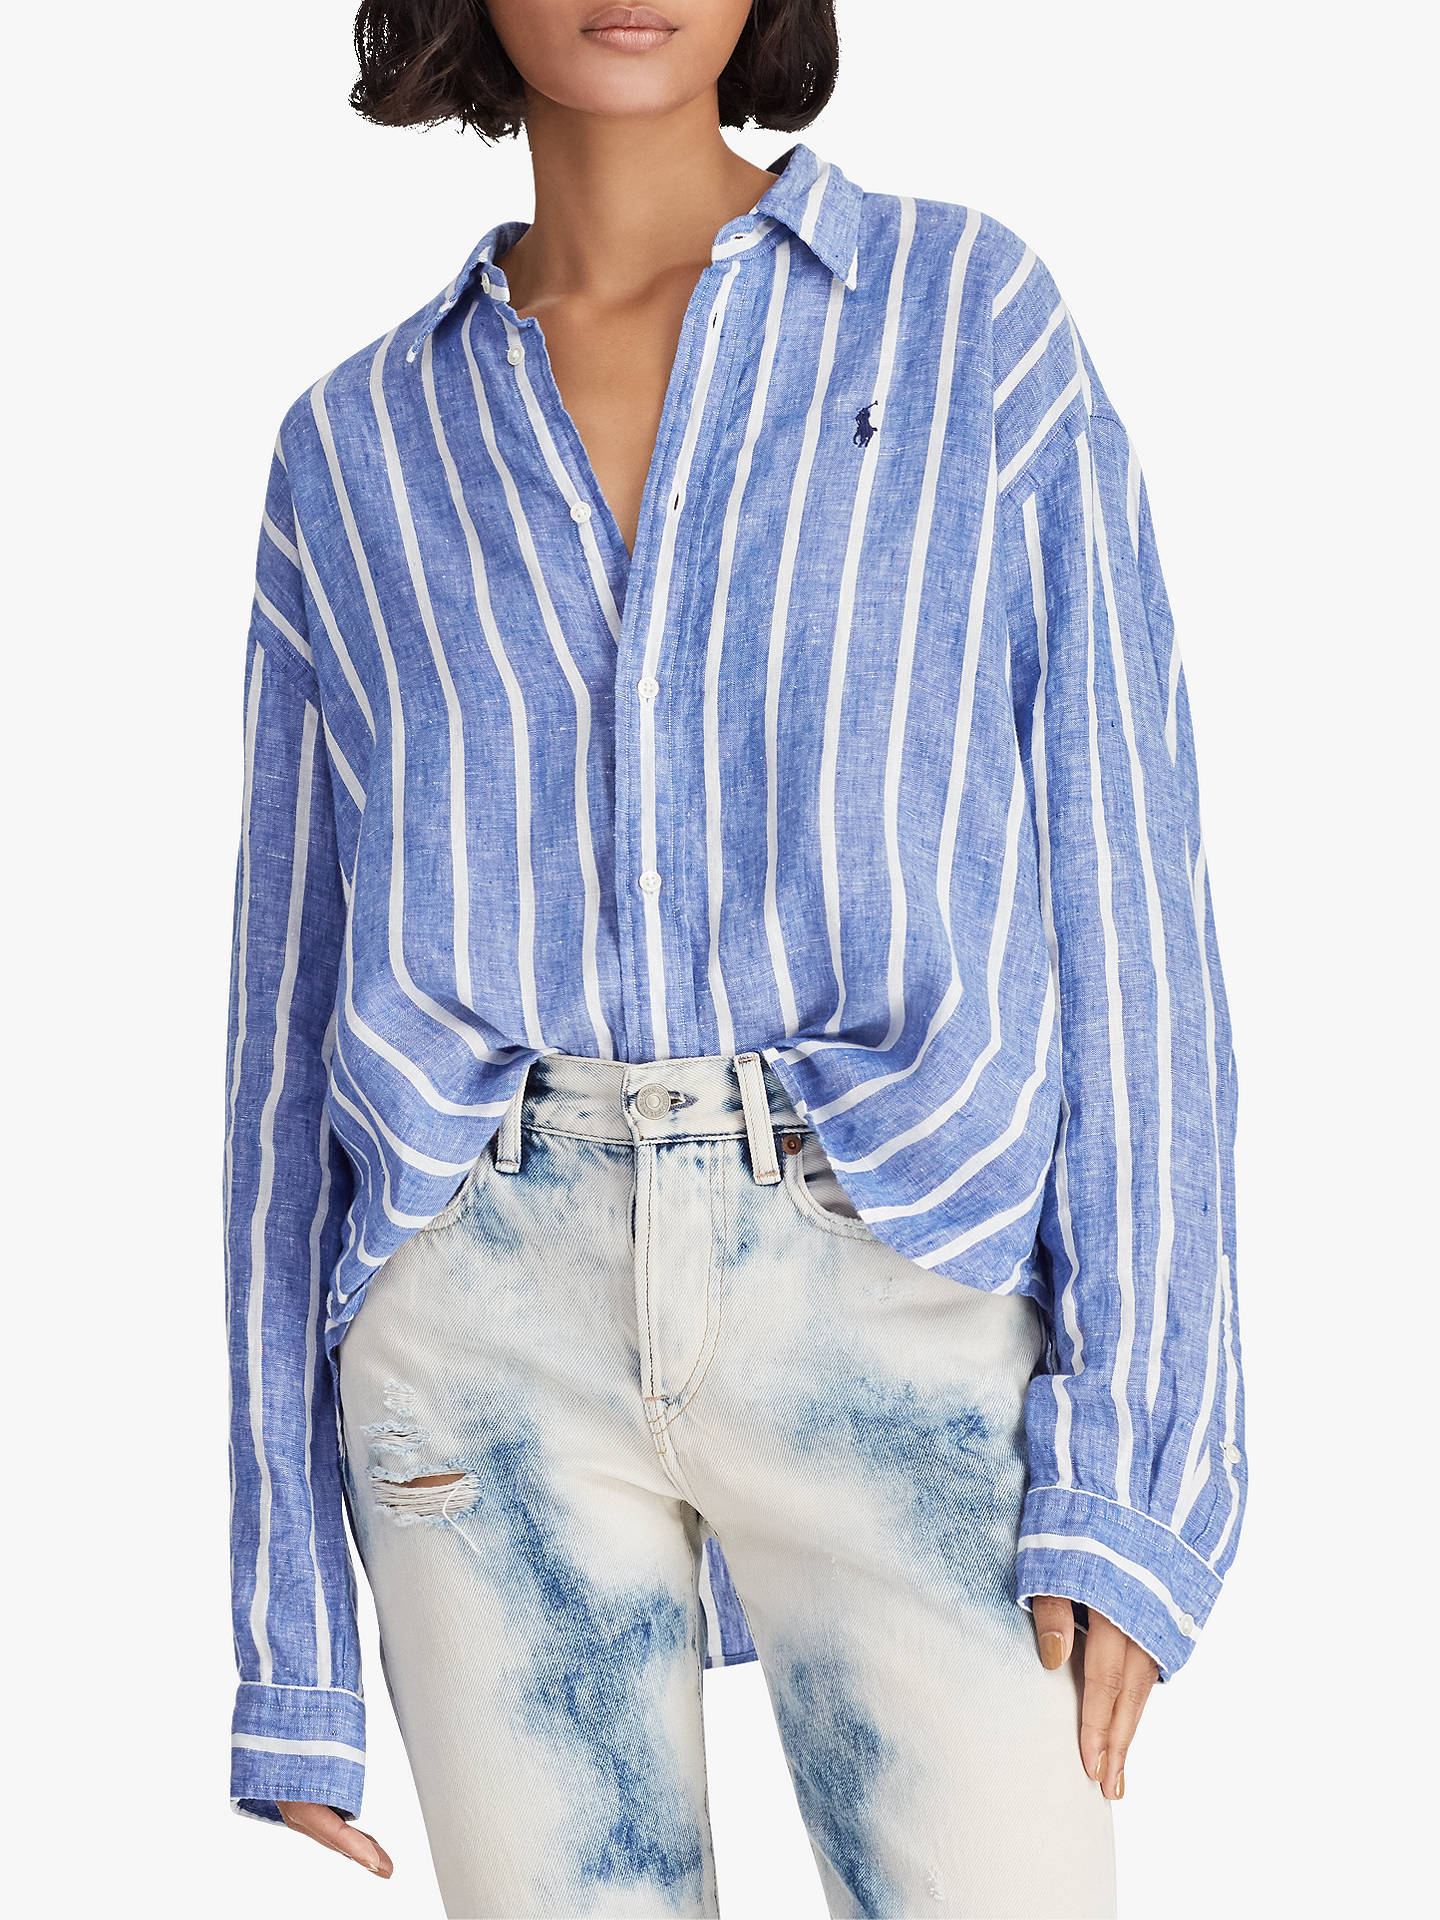 fbe9a174d5 Buy Polo Ralph Lauren Wide Stripe Cropped Linen Oxford Shirt, Royal/White,  XS ...